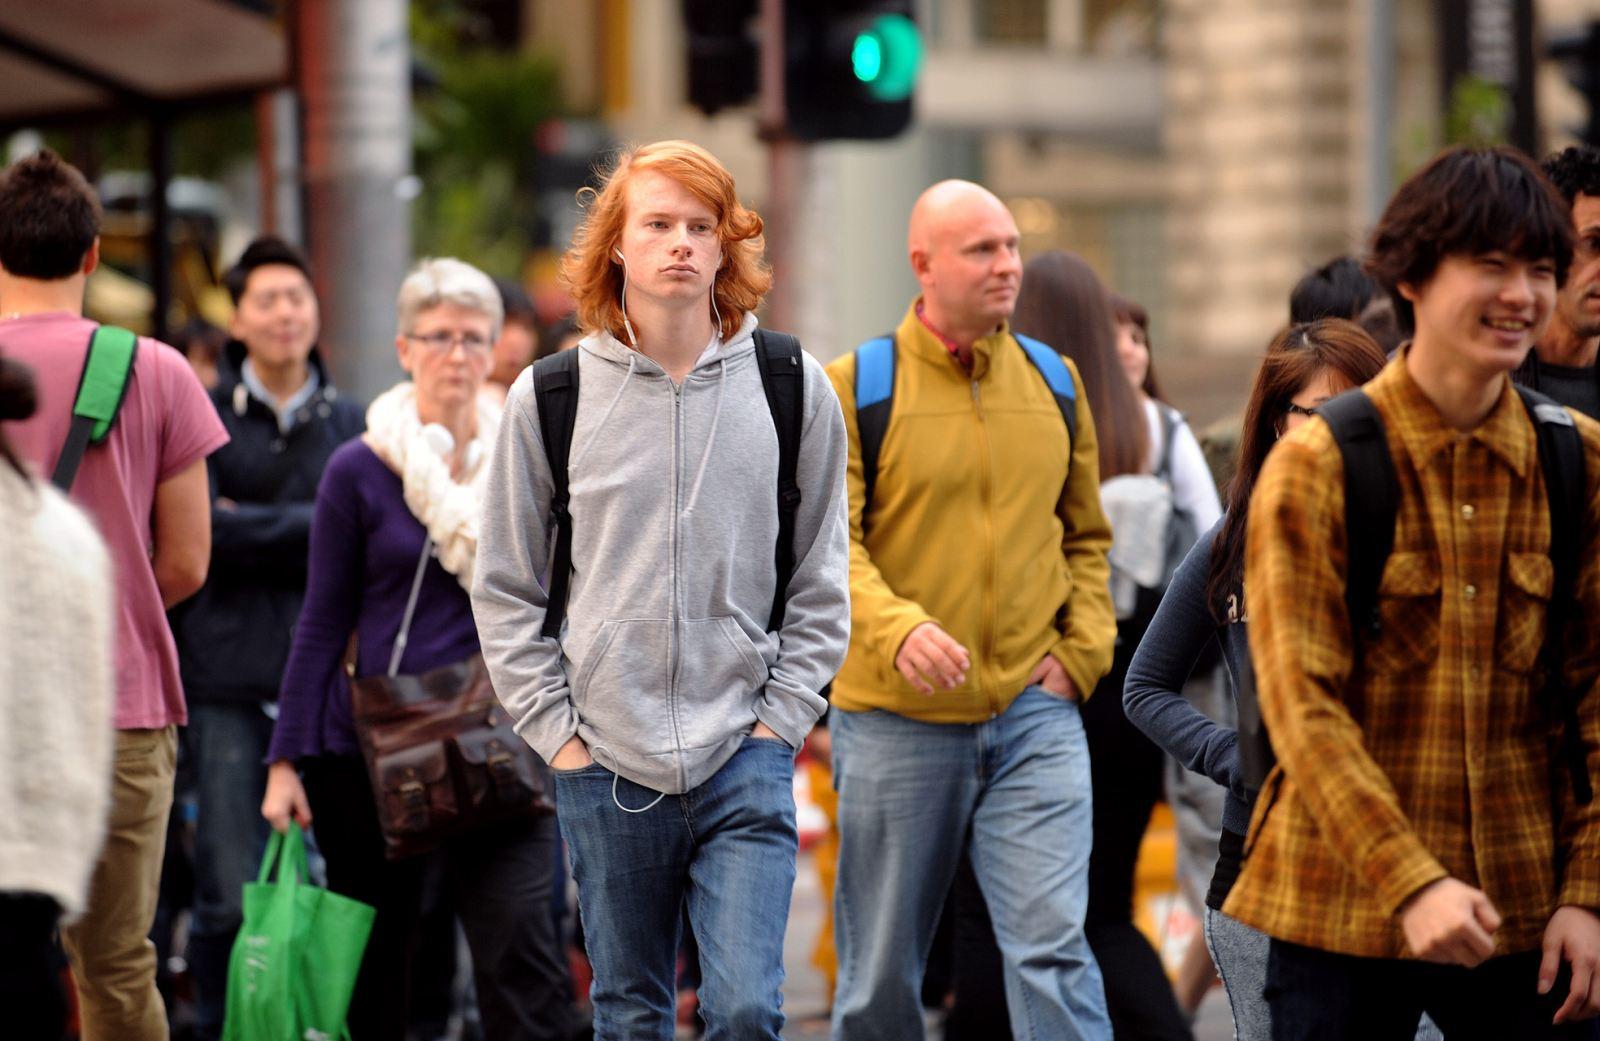 澳洲移民大调查:9成457签证者满意澳洲生活